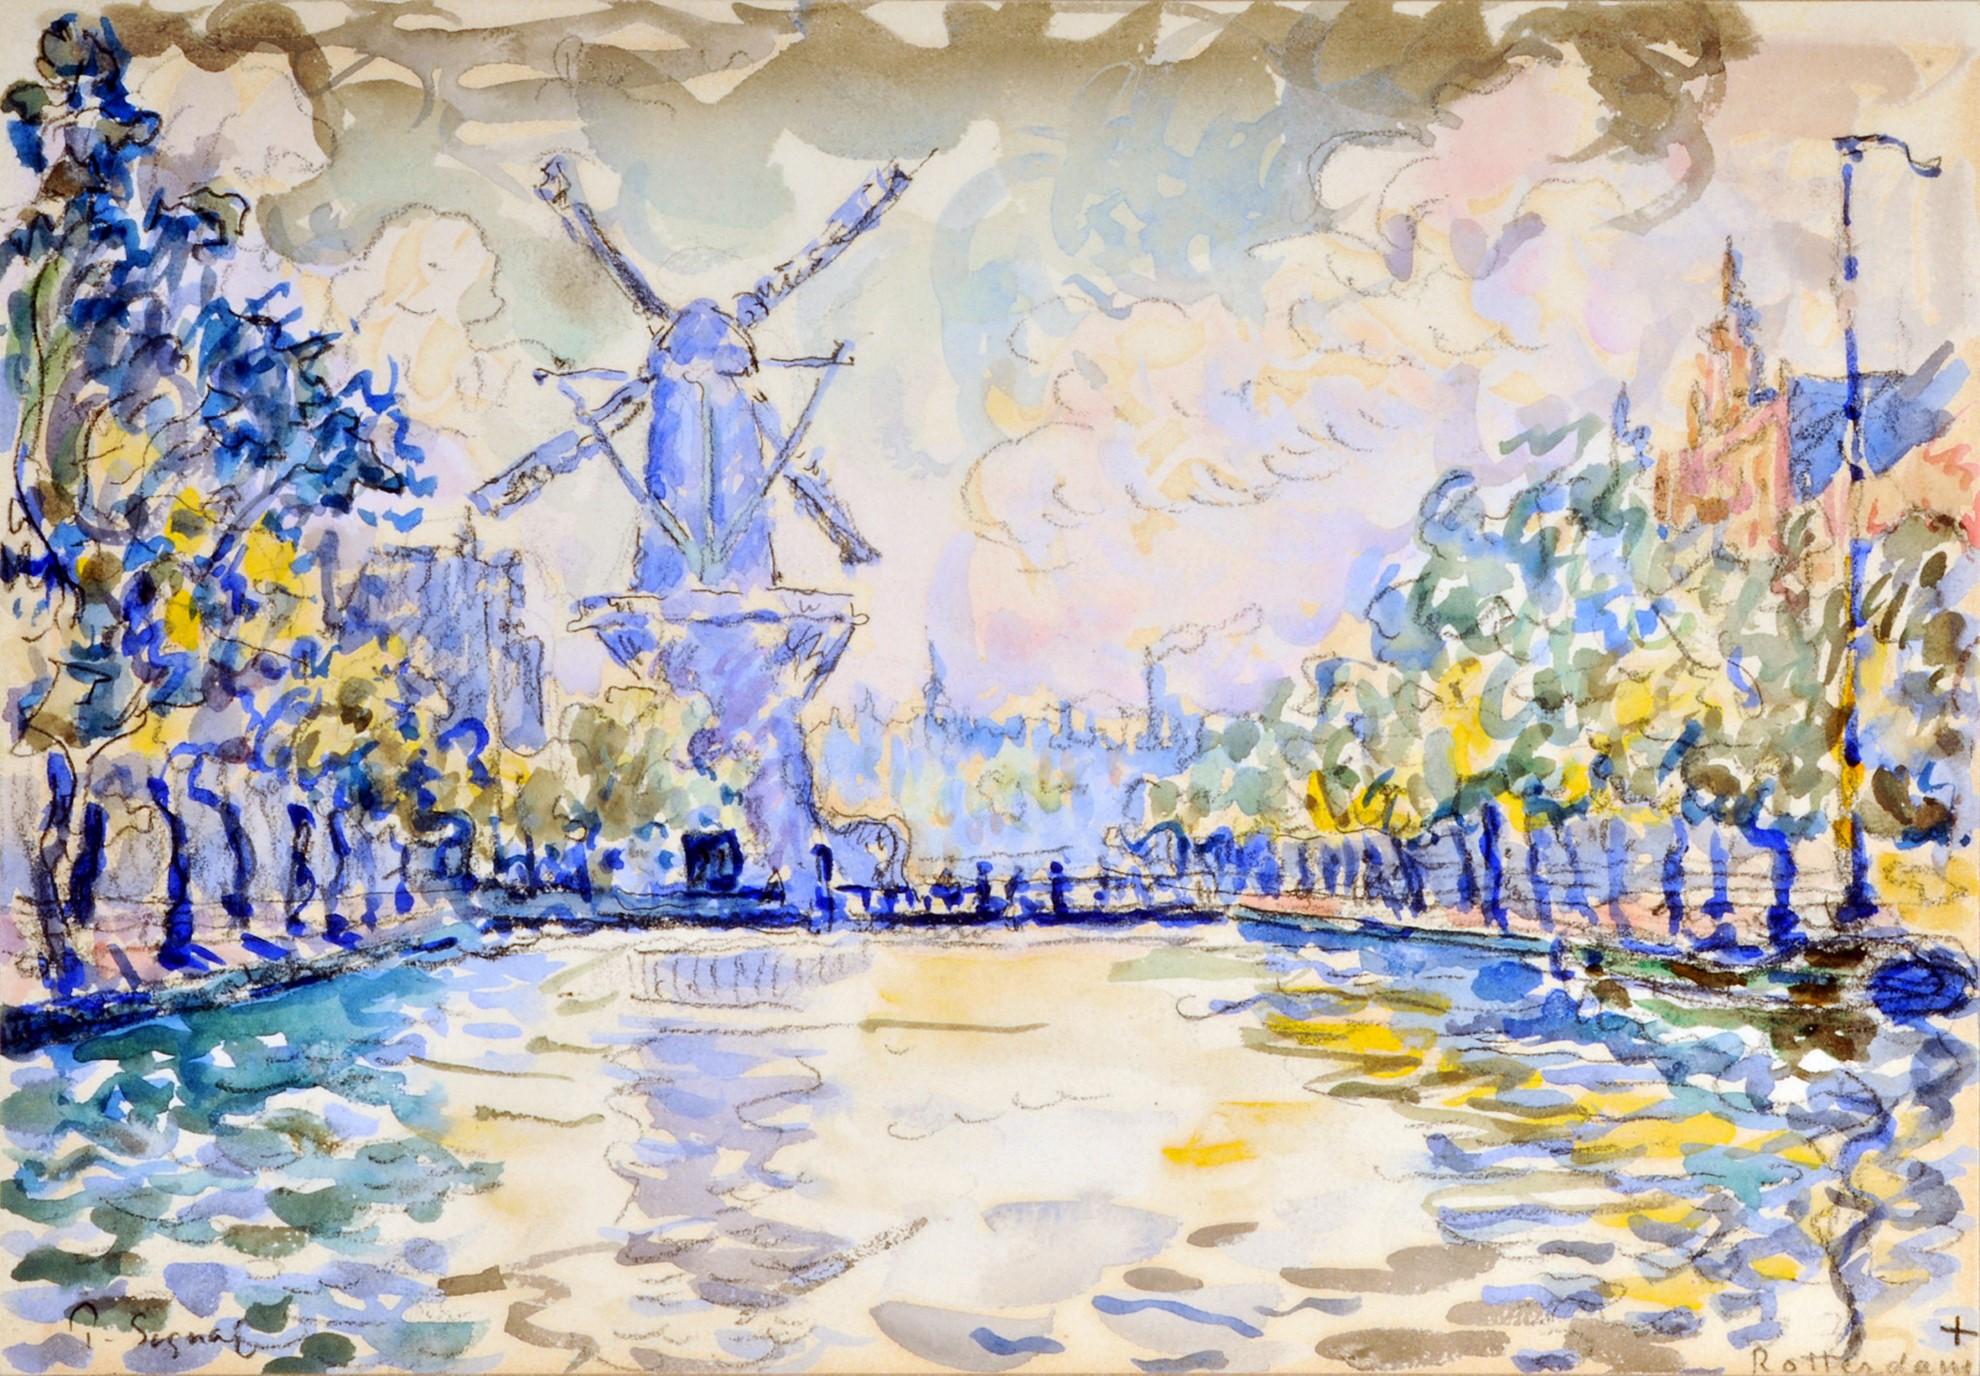 Di luce e colore. Lugano dedica una mostra a Paul Signac, maestro del Pontillisme